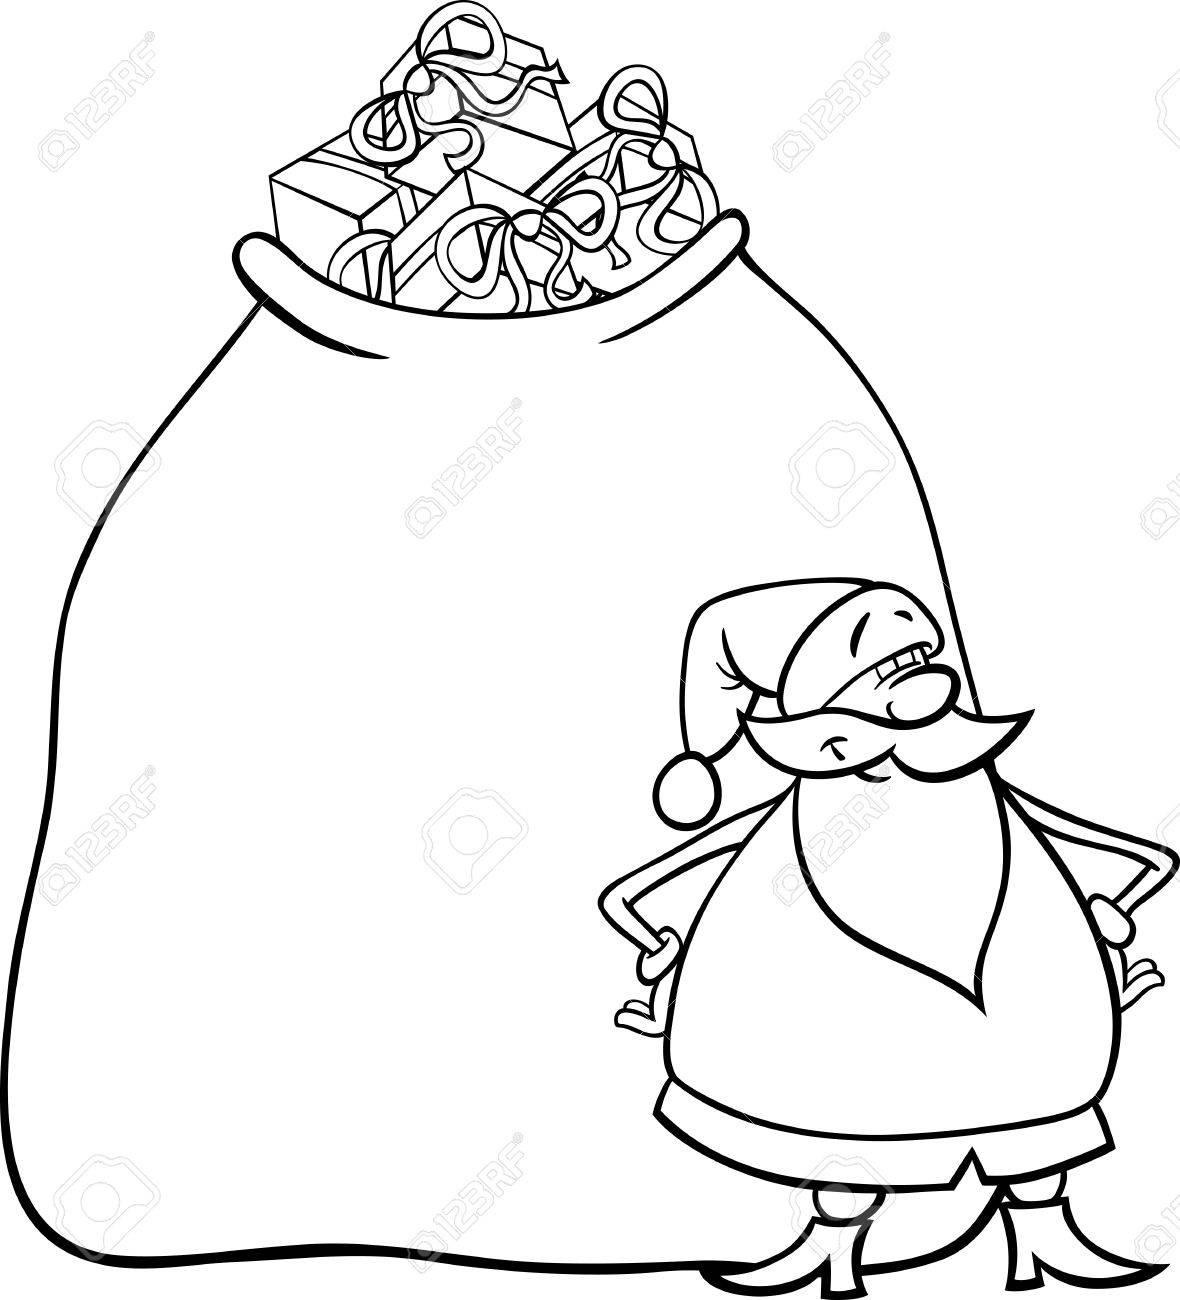 面白いサンタ クロースまたは巨大な袋とパパ Noel のイラスト漫画塗り絵の完全なクリスマスのプレゼントのイラスト素材 ベクタ Image